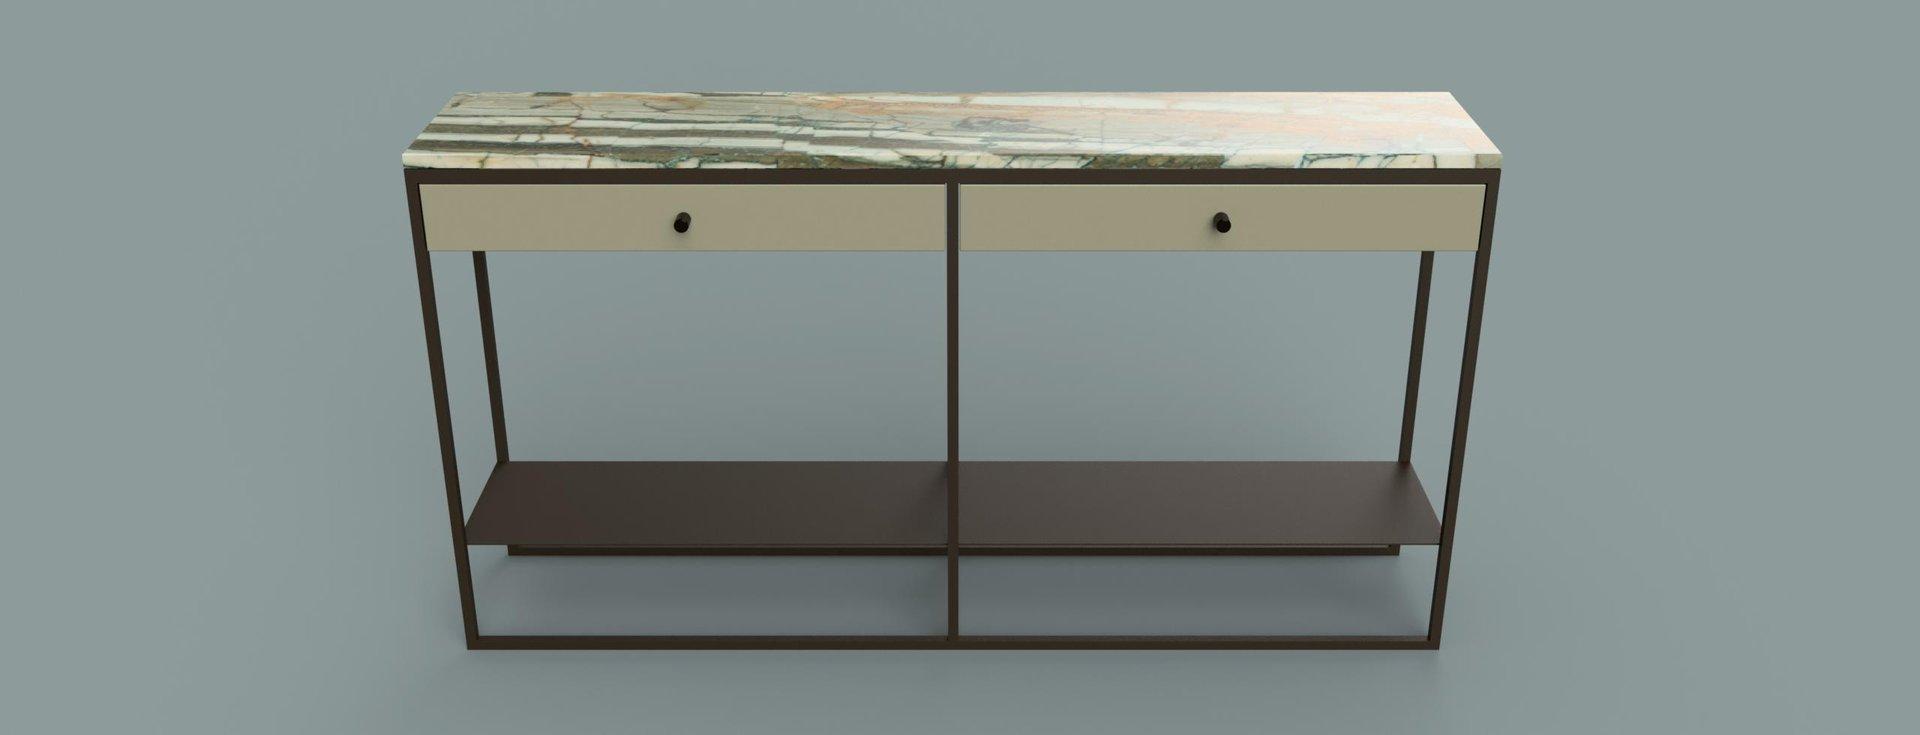 eros konsolentisch mit gestell aus pulverbeschichtetem stahl schubladen aus marmor von casa. Black Bedroom Furniture Sets. Home Design Ideas